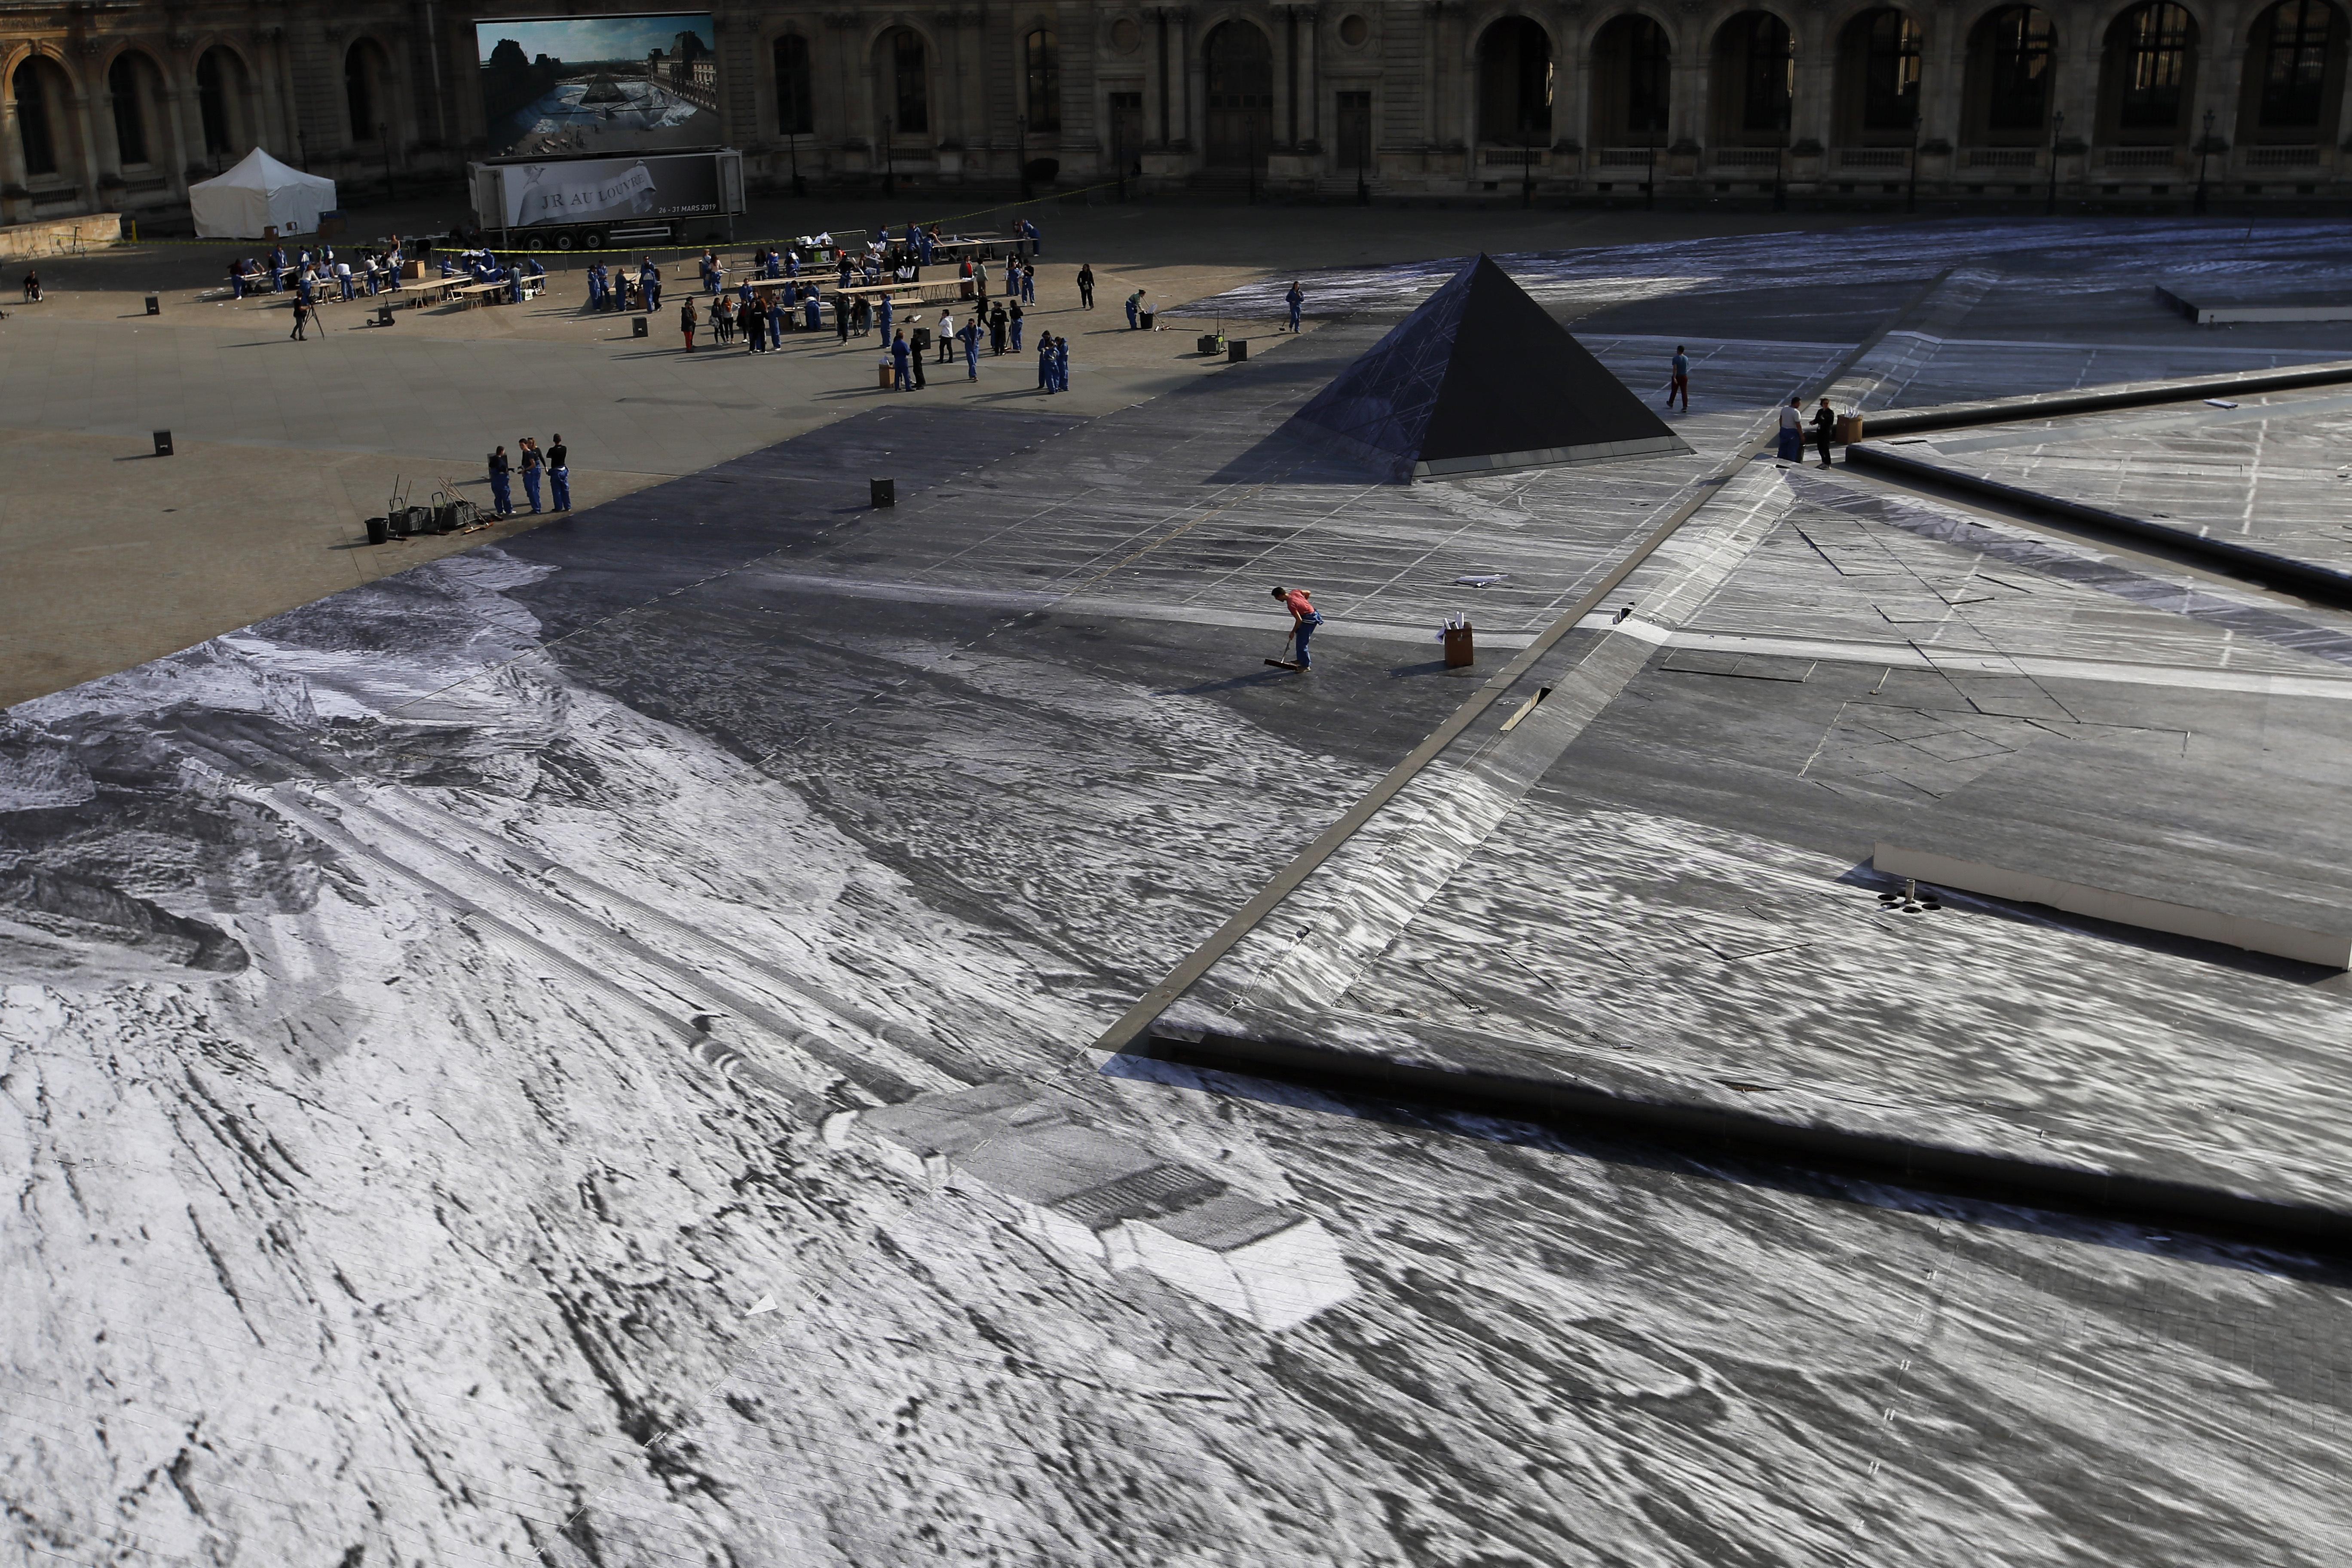 gallos-street-artist-apokalypse-tin-ayli-toy-napoleonta-stin-pyramida-toy-loyvroy-fotografies3